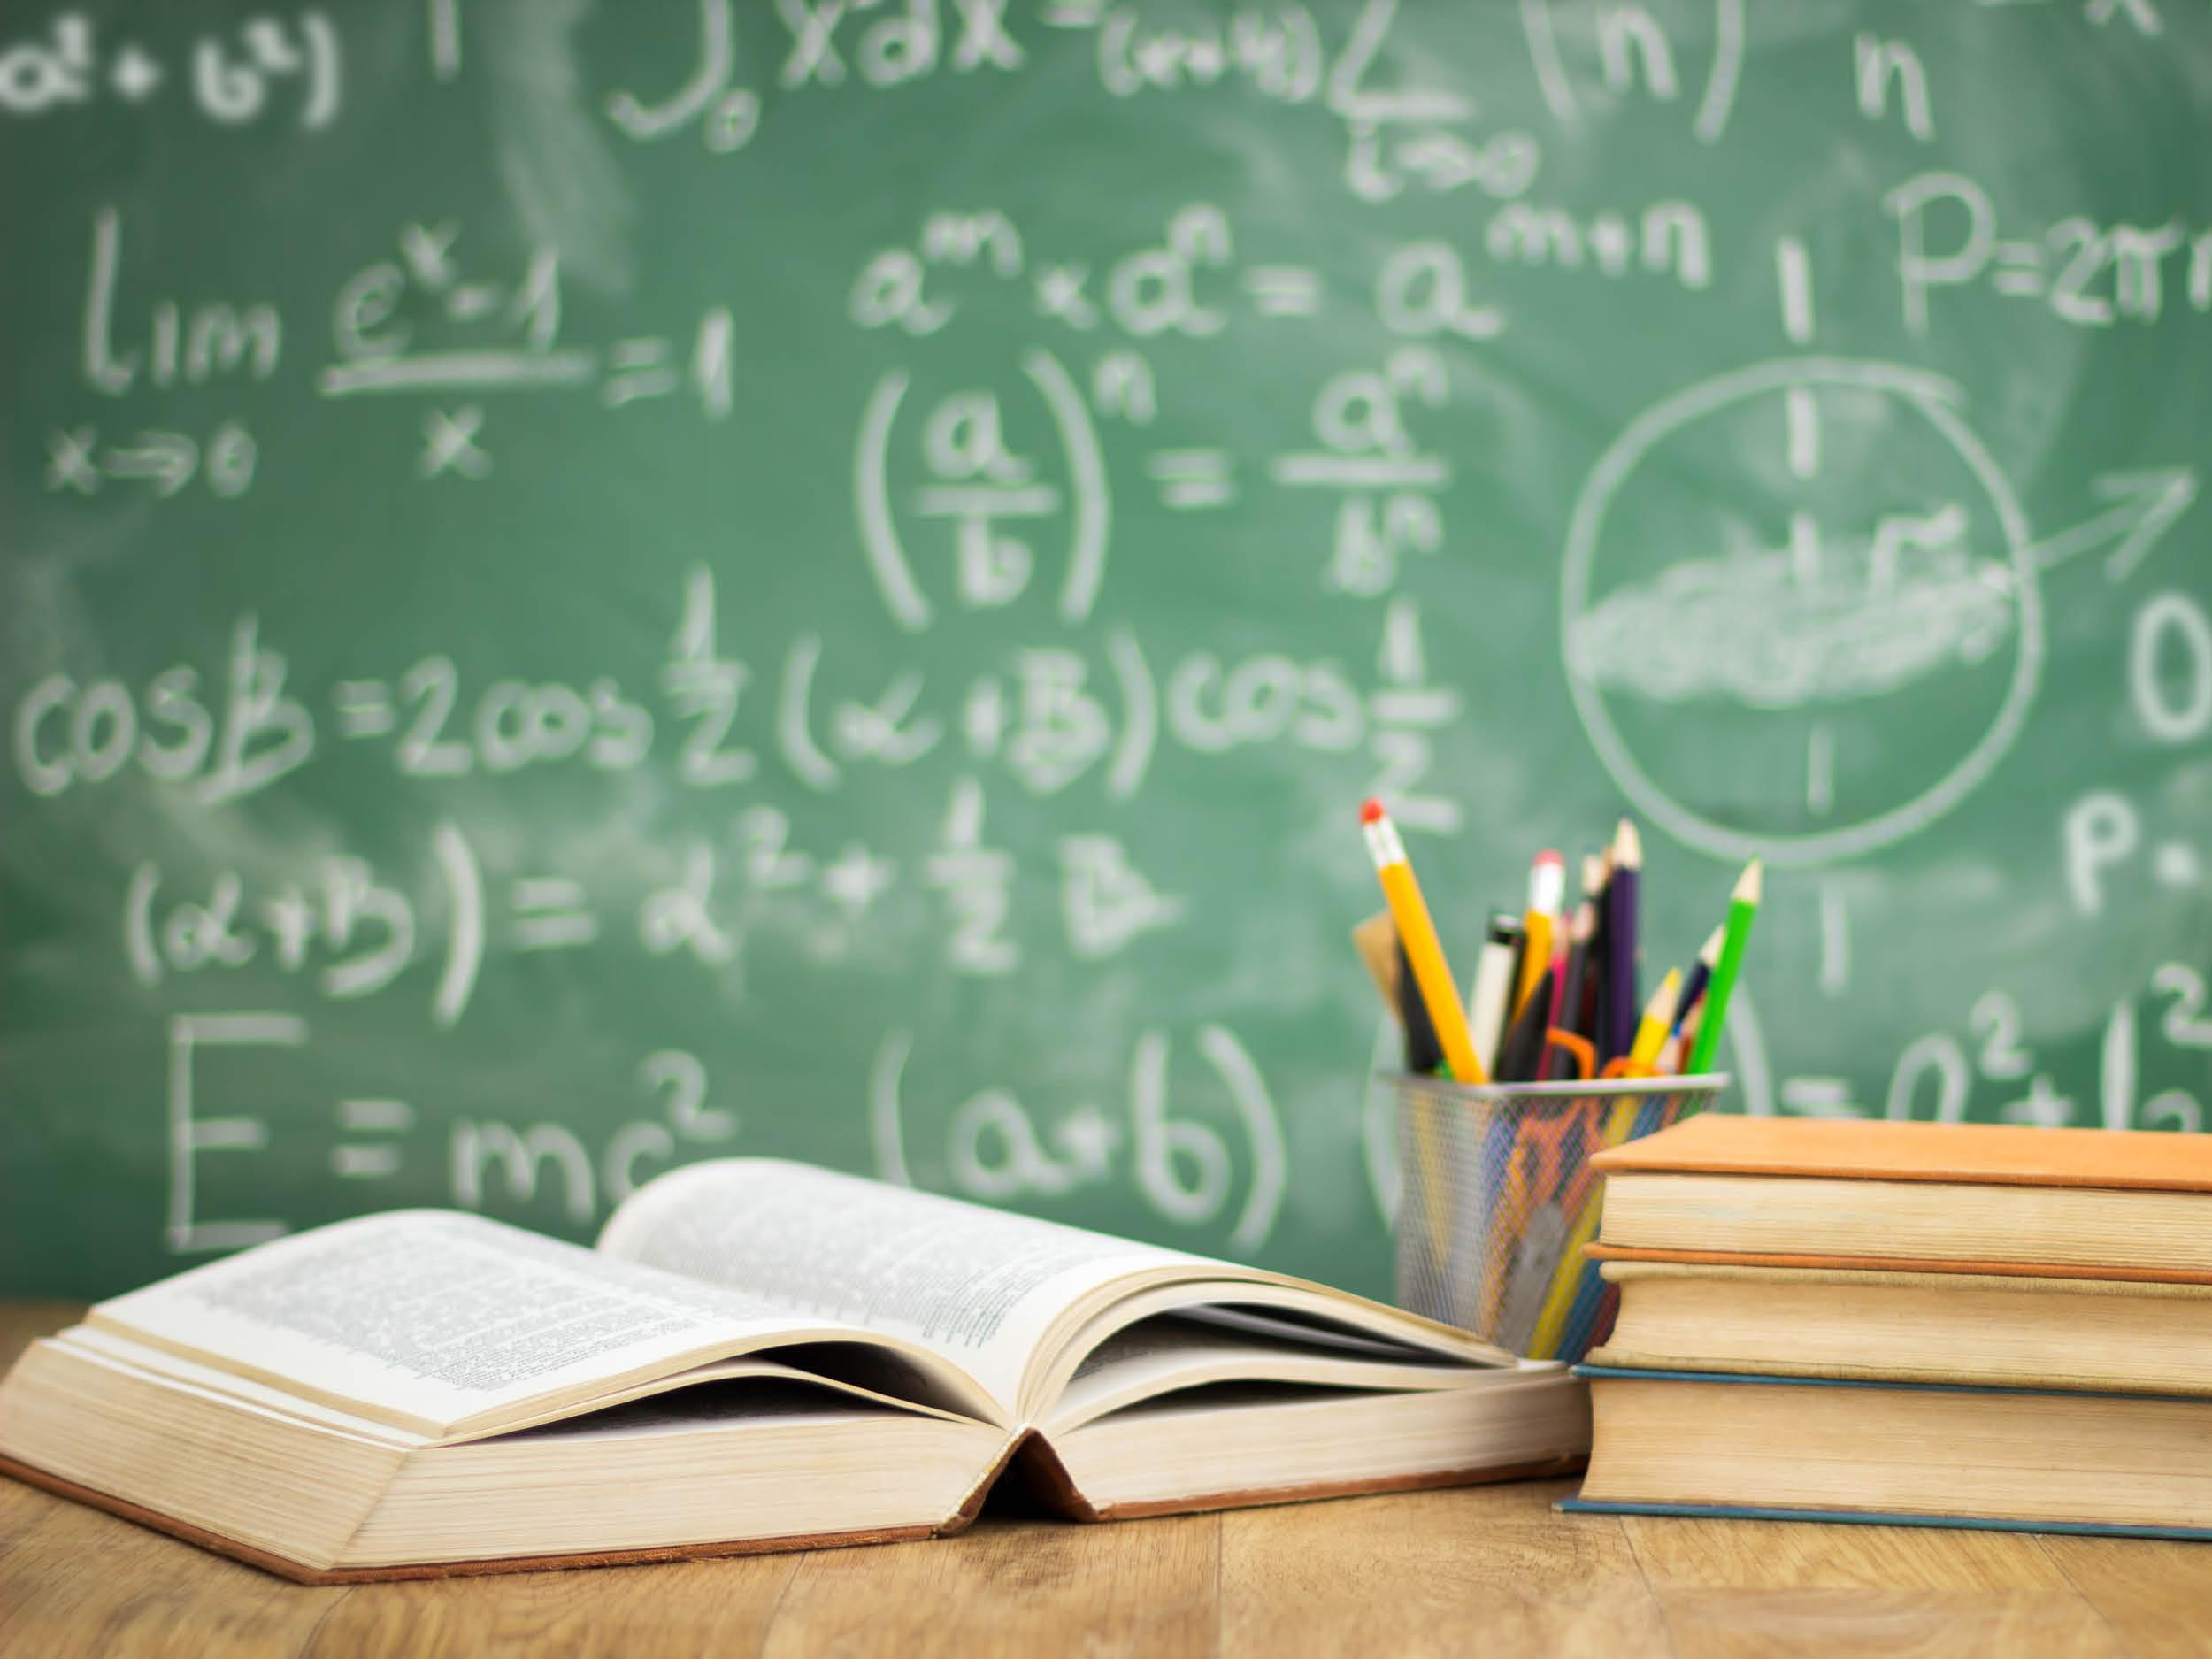 Friedel: Gute Angebote zur modernen Ganztagsschule entwickeln